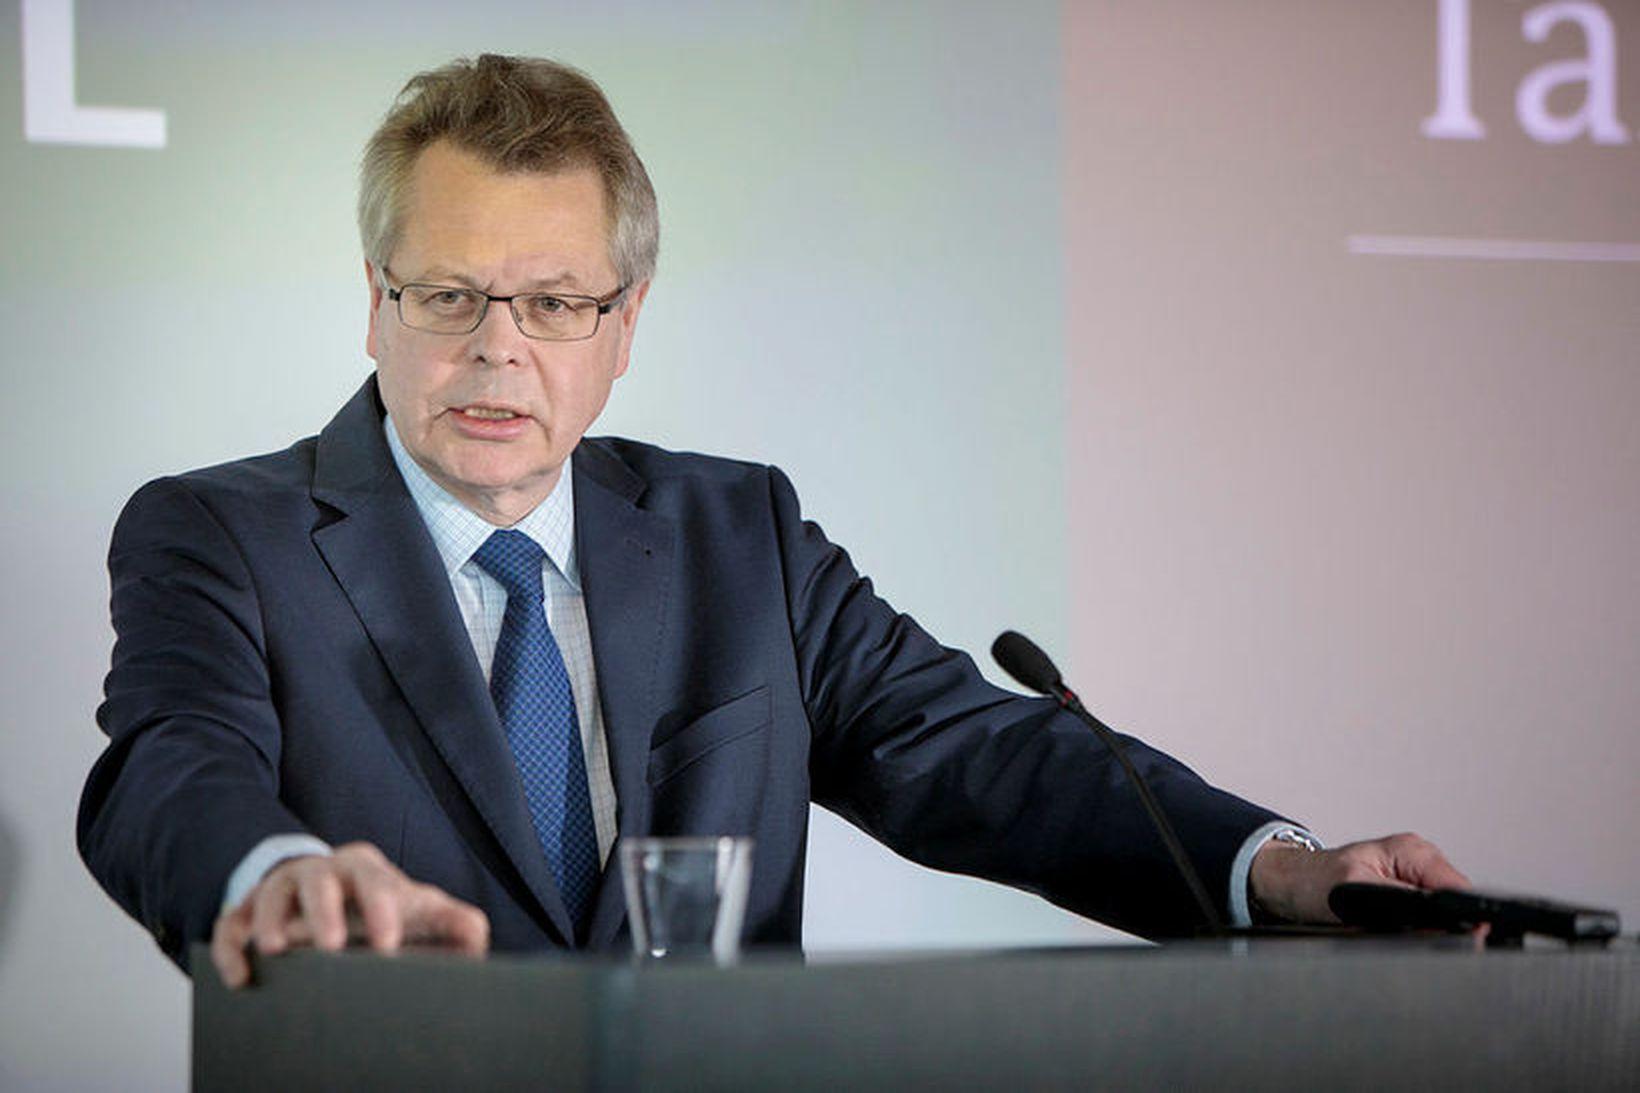 Már Guðmundsson, bankastjóri Seðlabanka Íslands.